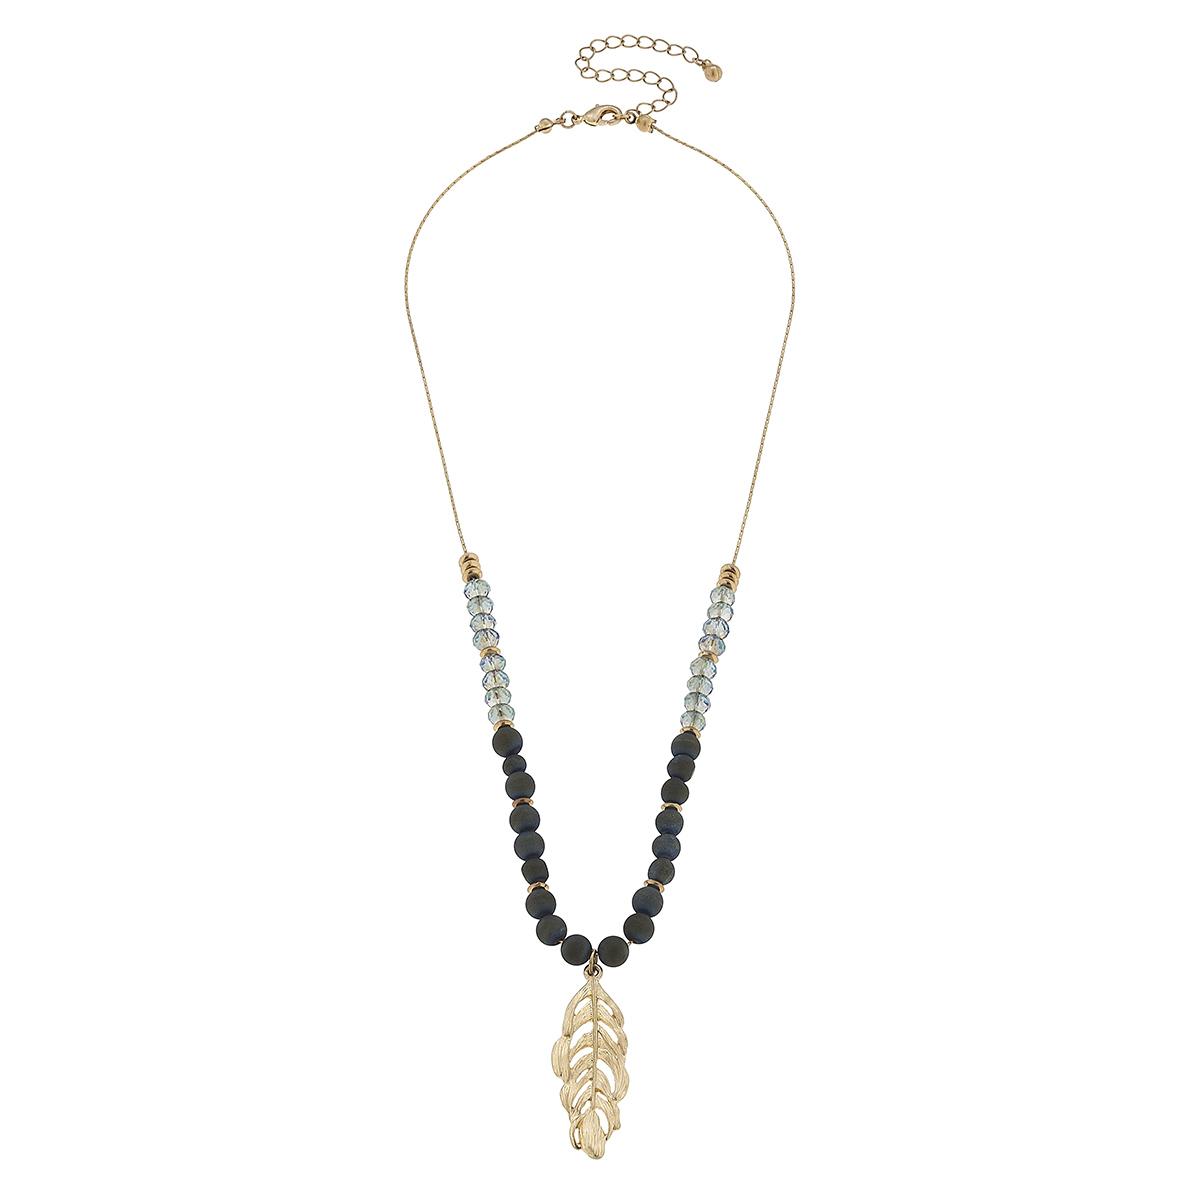 Dark Grey Agate Gemstone and Glass Leaf Necklace